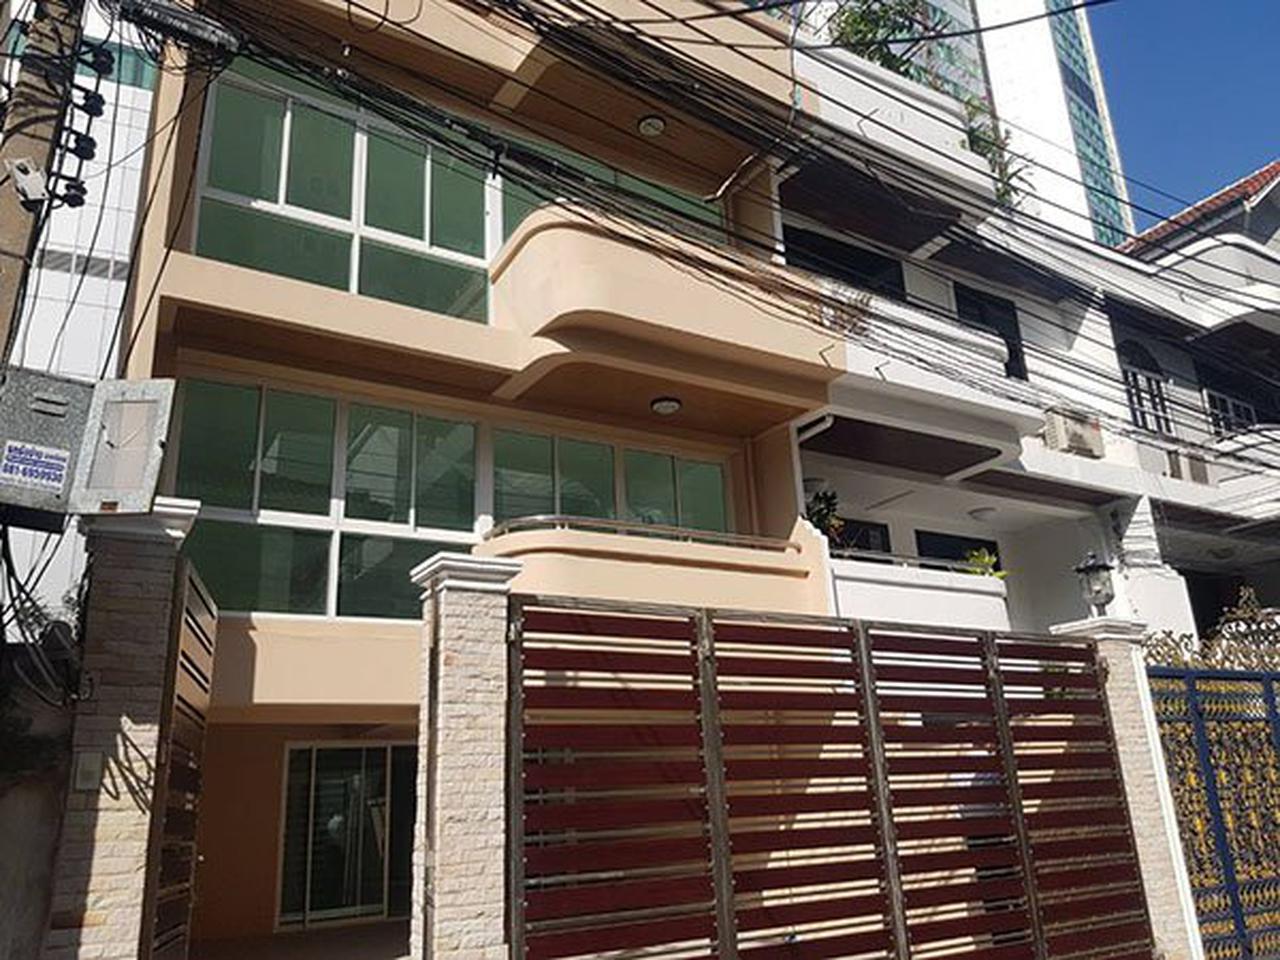 ขายด่วน ทาวน์โฮม ตกแต่งใหม่พร้อมลิฟท์ สุขุมวิท ใกล้ BTS ทองหล่อ For Sale Newly renovated Town home with Lift Sukhumvit รูปที่ 5